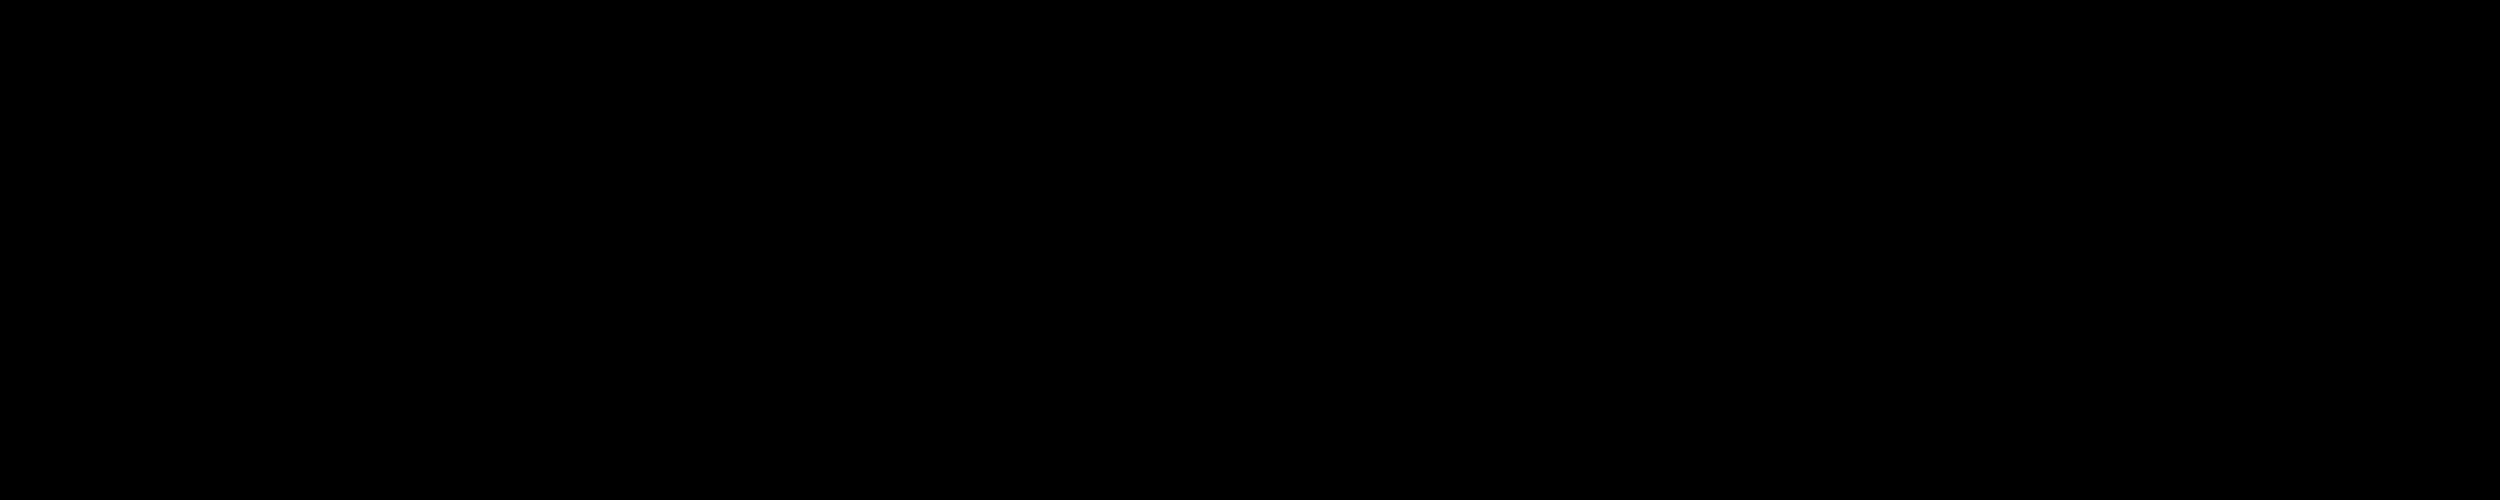 lgp-01.png